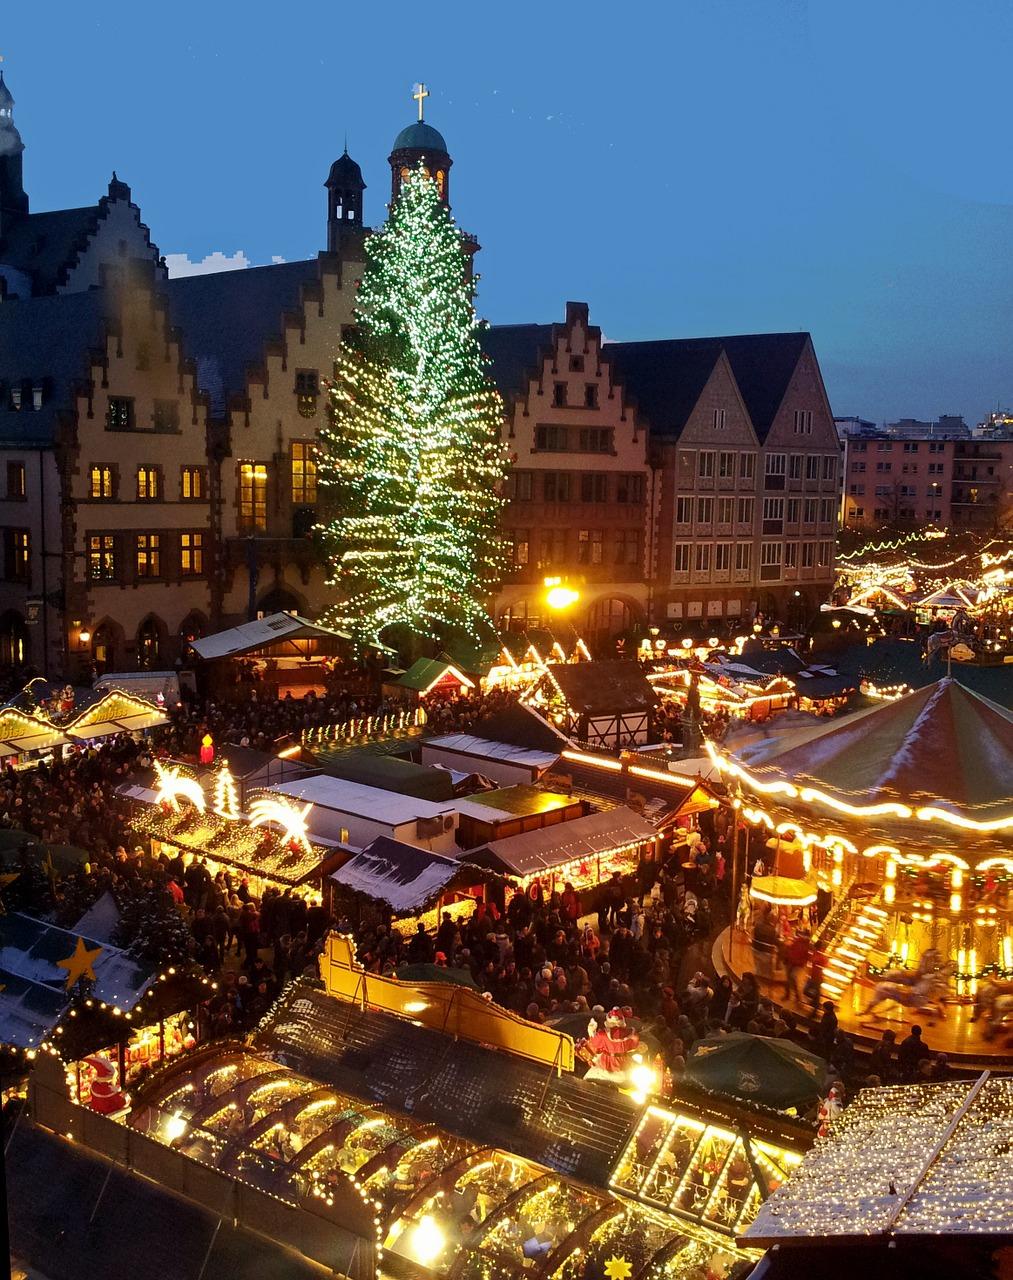 Χριστουγεννιάτικη Αγορά Φραγκφούρτη